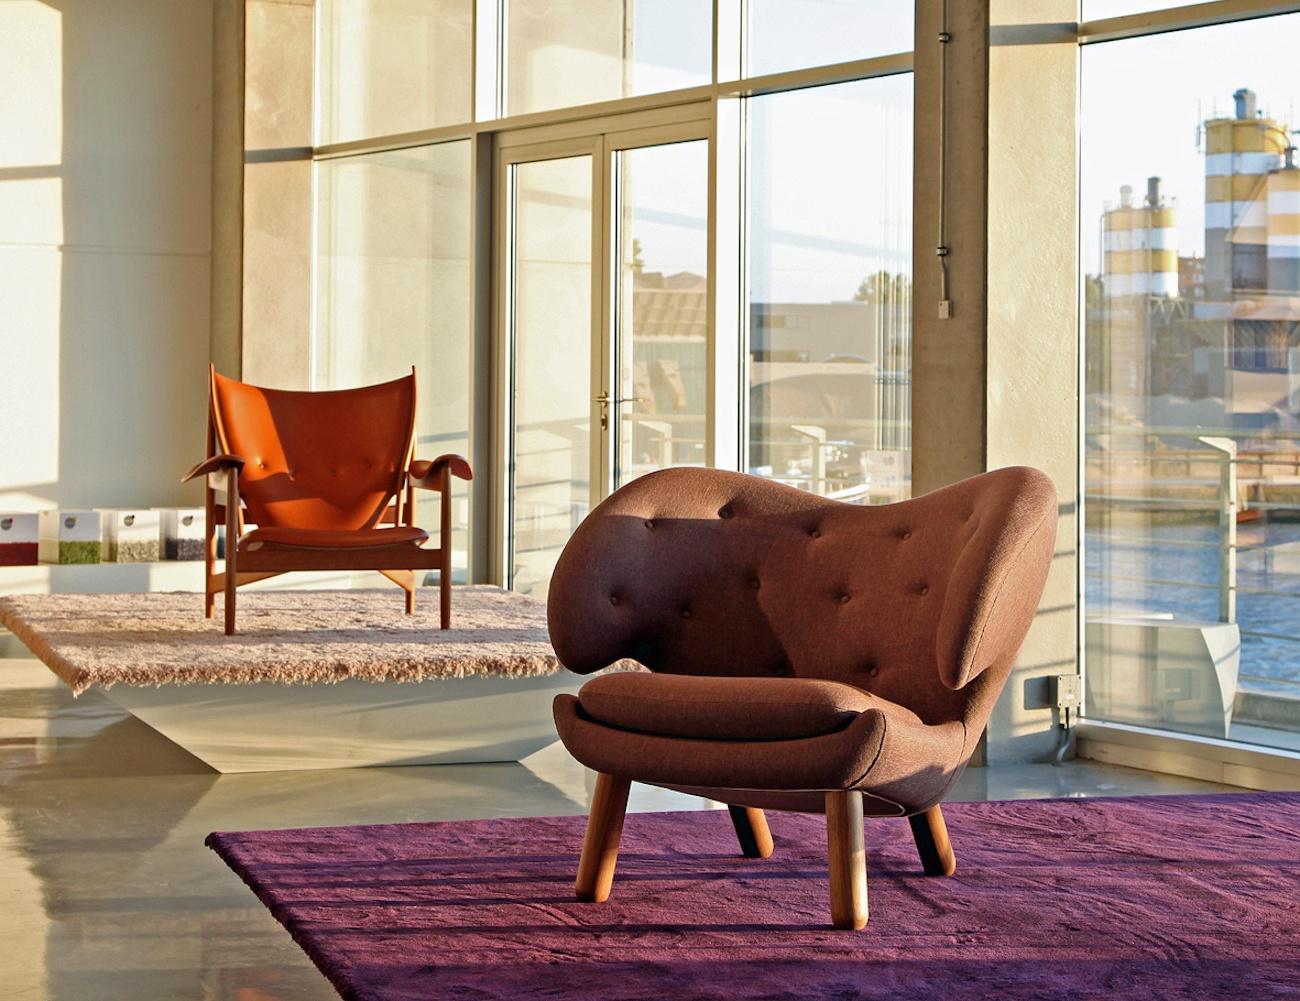 Finn Juhl Pelican Leather Chair